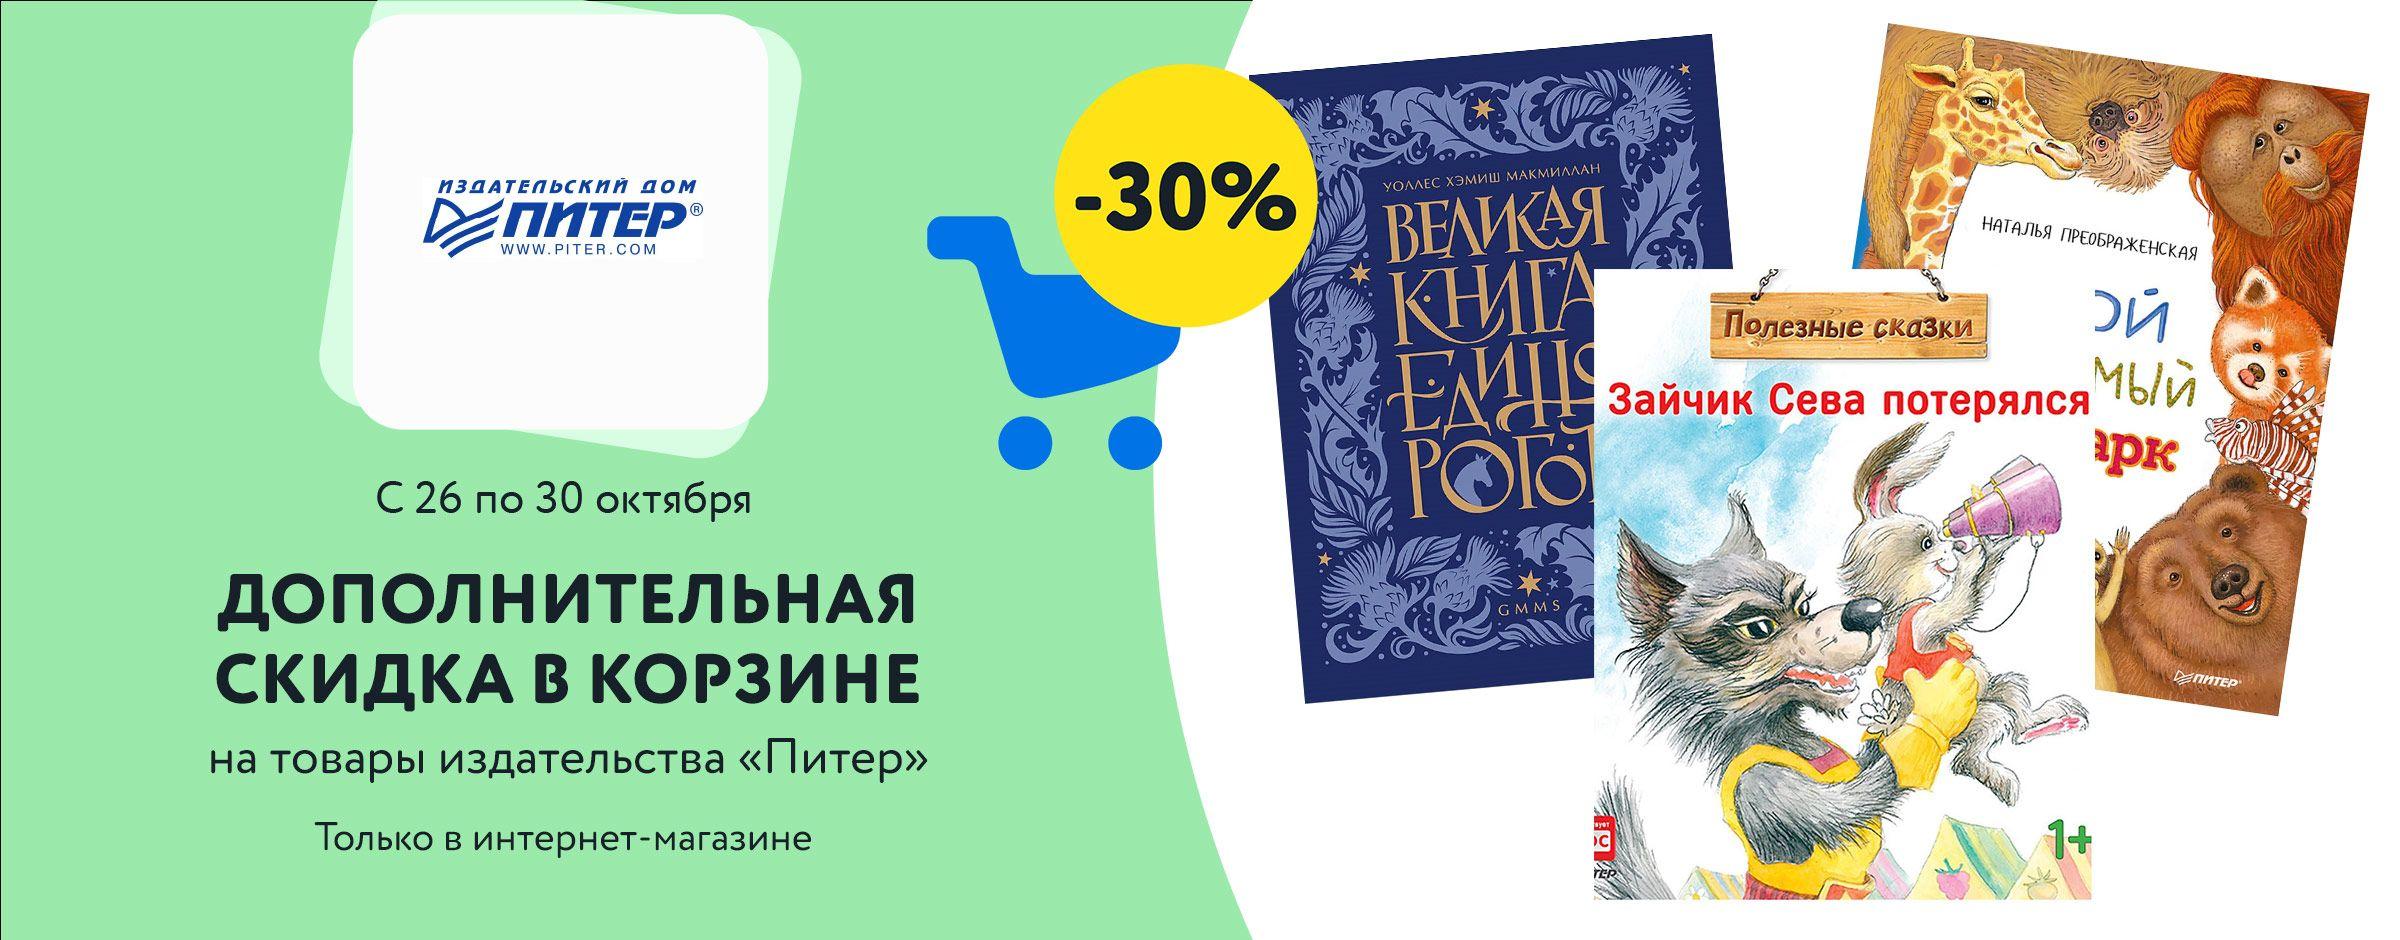 """Скидка 30% в корзине на товары издательства """"Питер"""""""